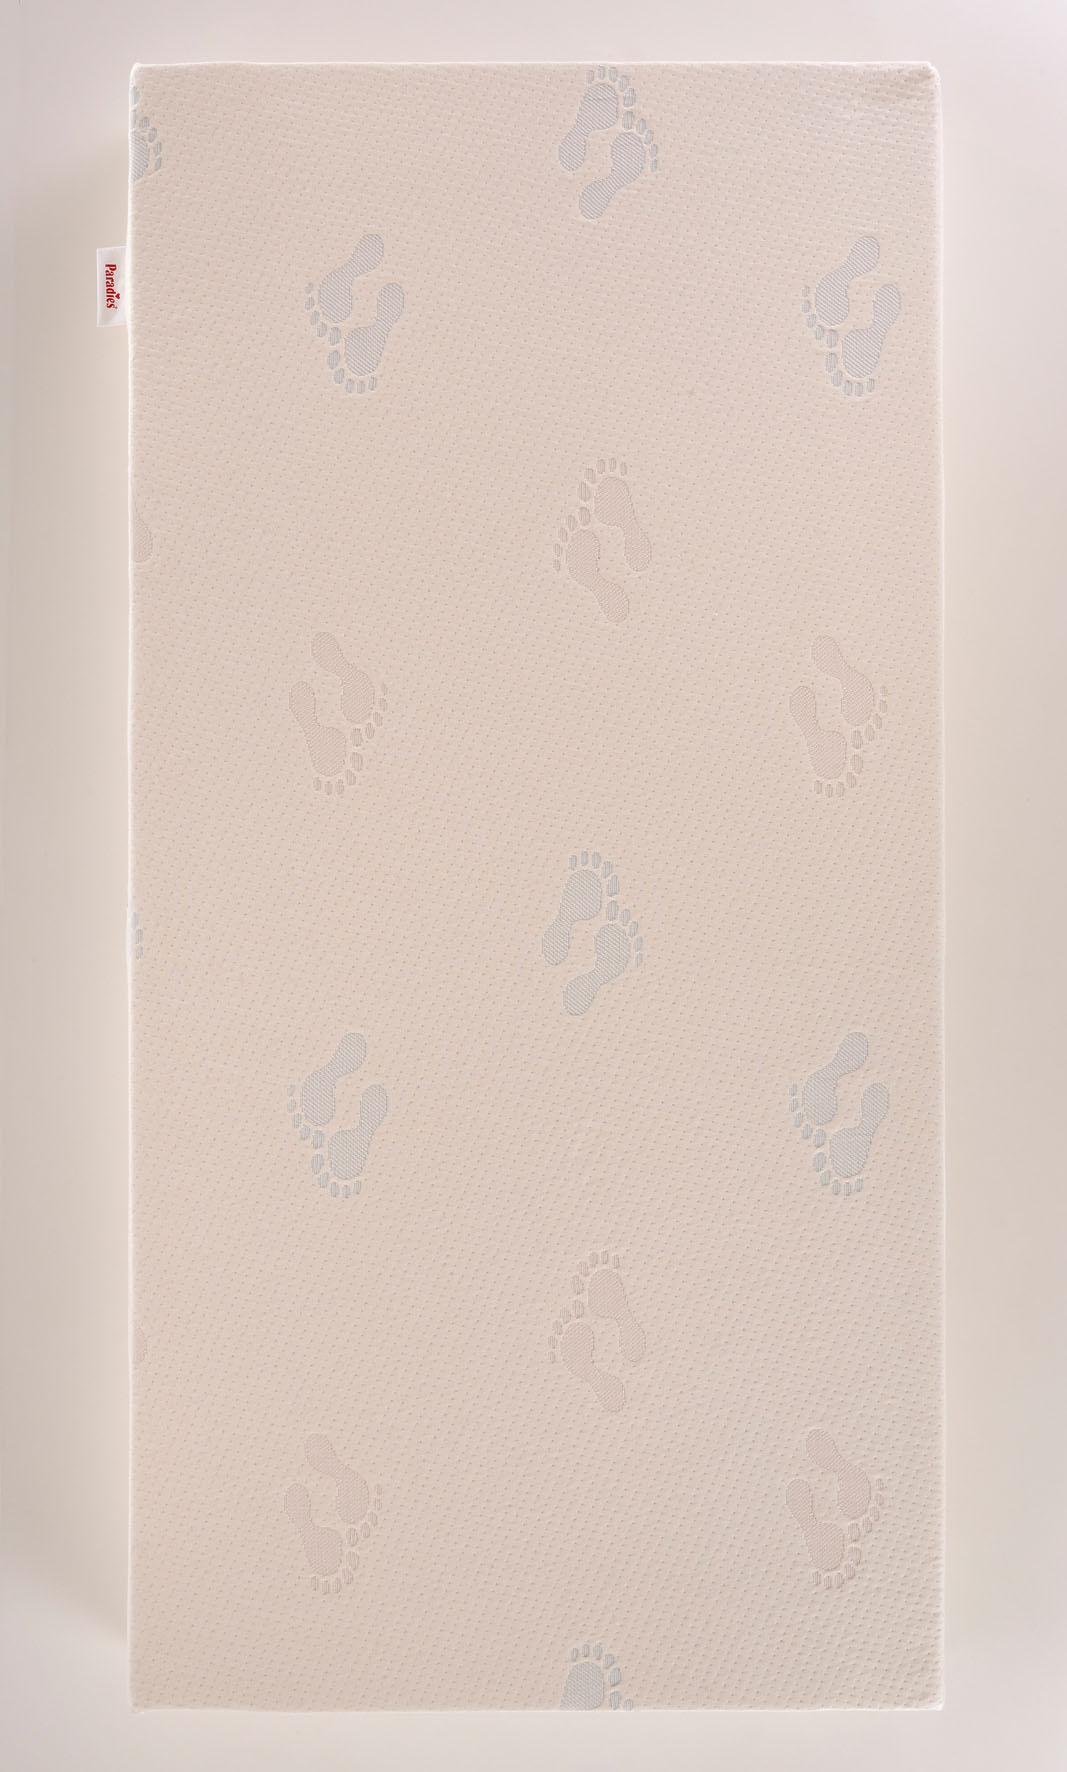 Kindermatratze »Bio-Lina«, Paradies, 8 cm hoch | Kinderzimmer > Textilien für Kinder > Kinderbettwäsche | PARADIES